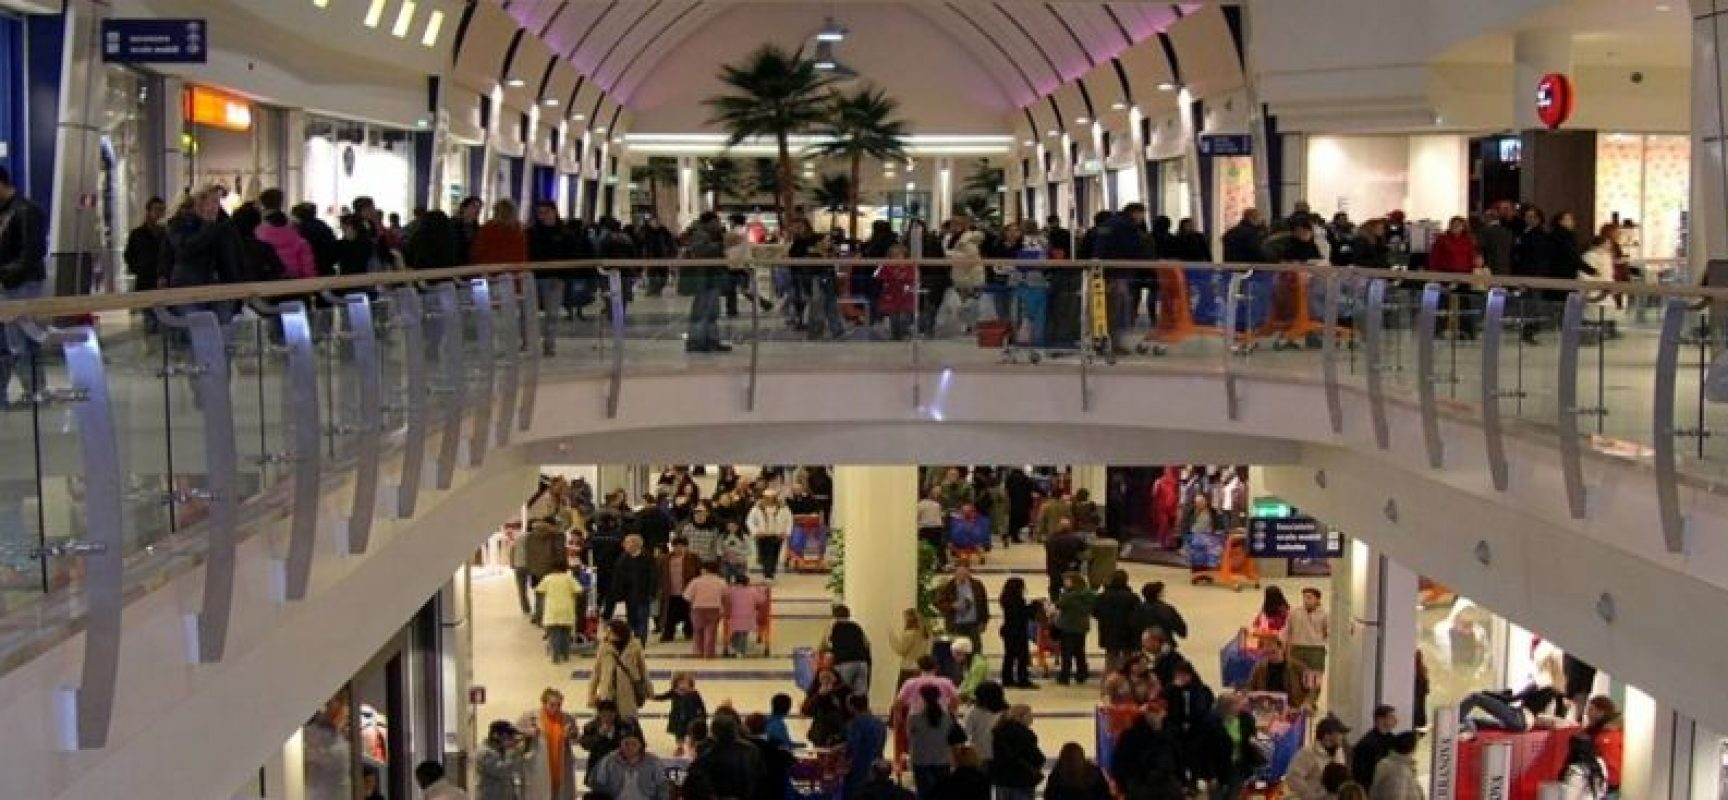 Sindacati proclamano sciopero regionale, a Pasqua e Pasquetta, per lavoratori centri commerciali